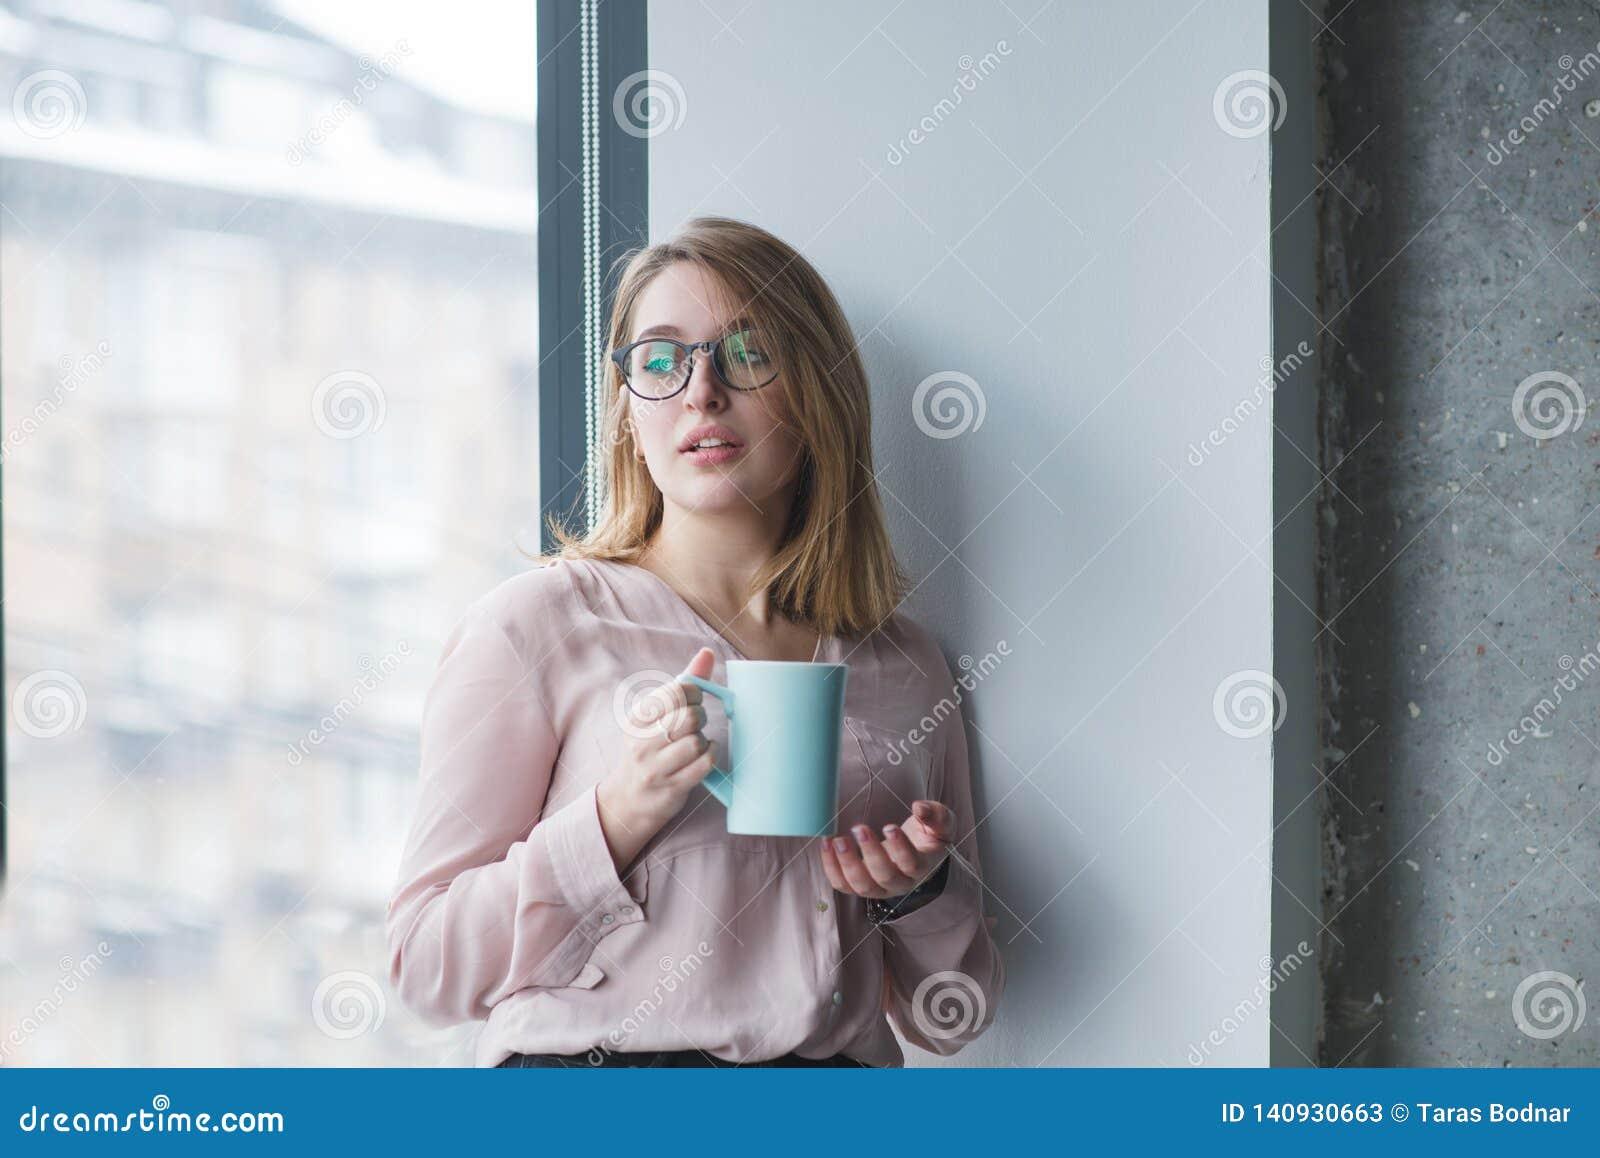 Mooi meisje in de glazentribunes in de muur dichtbij het venster met een kop van koffie